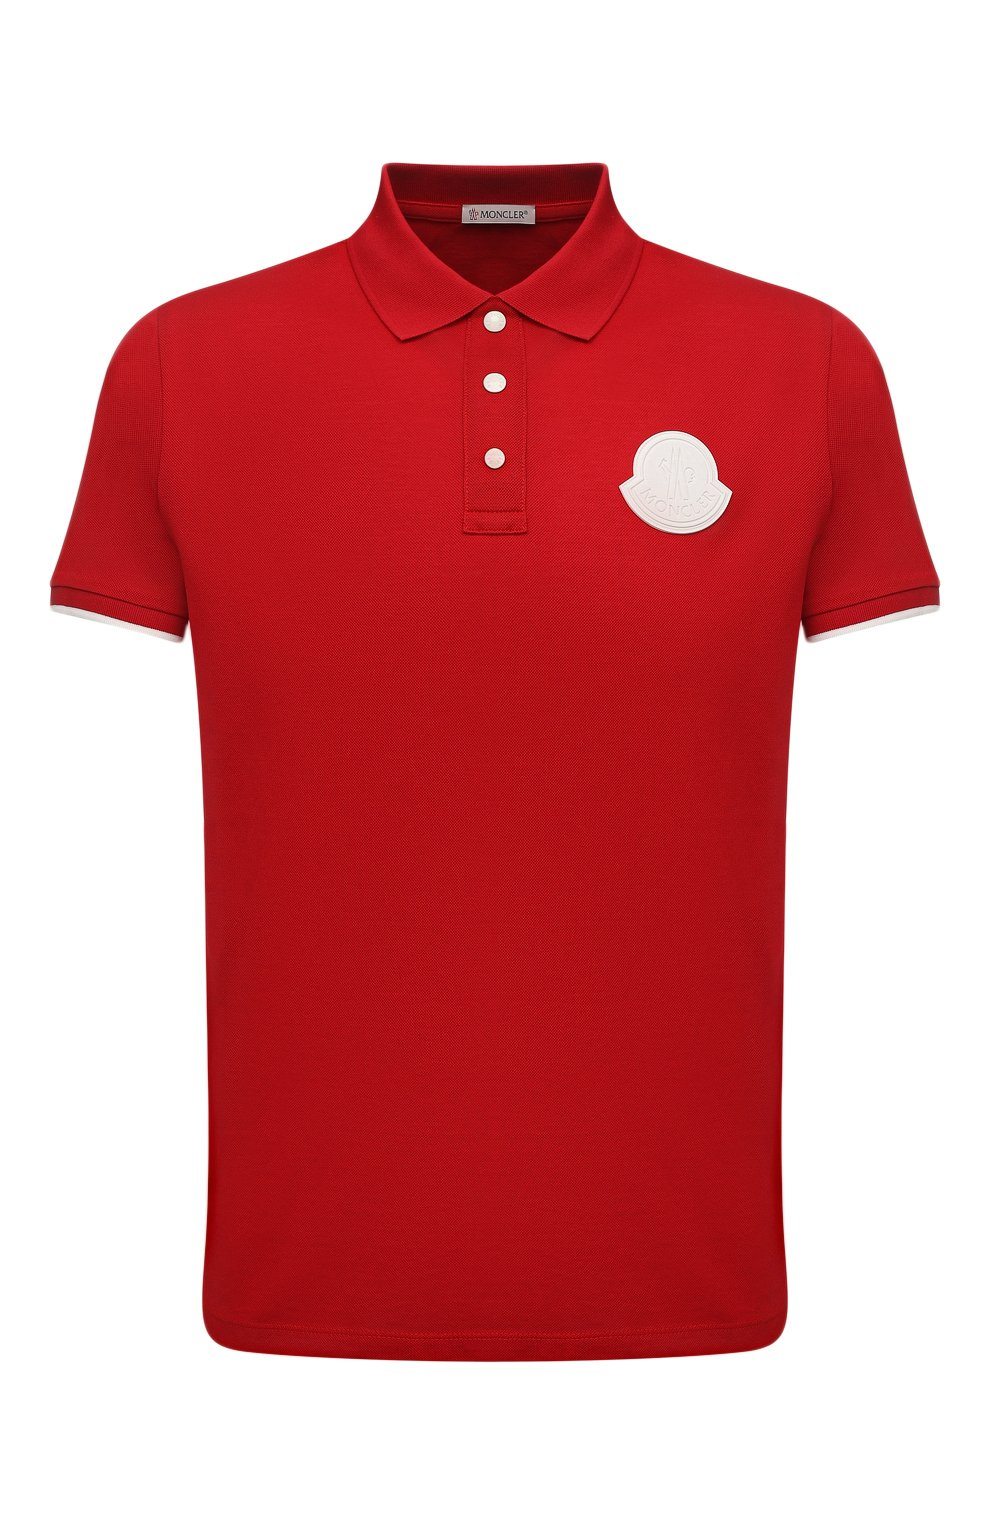 Мужское хлопковое поло MONCLER красного цвета, арт. G1-091-8A724-00-84673 | Фото 1 (Застежка: Пуговицы; Рукава: Короткие; Длина (для топов): Стандартные; Материал внешний: Хлопок; Стили: Кэжуэл)